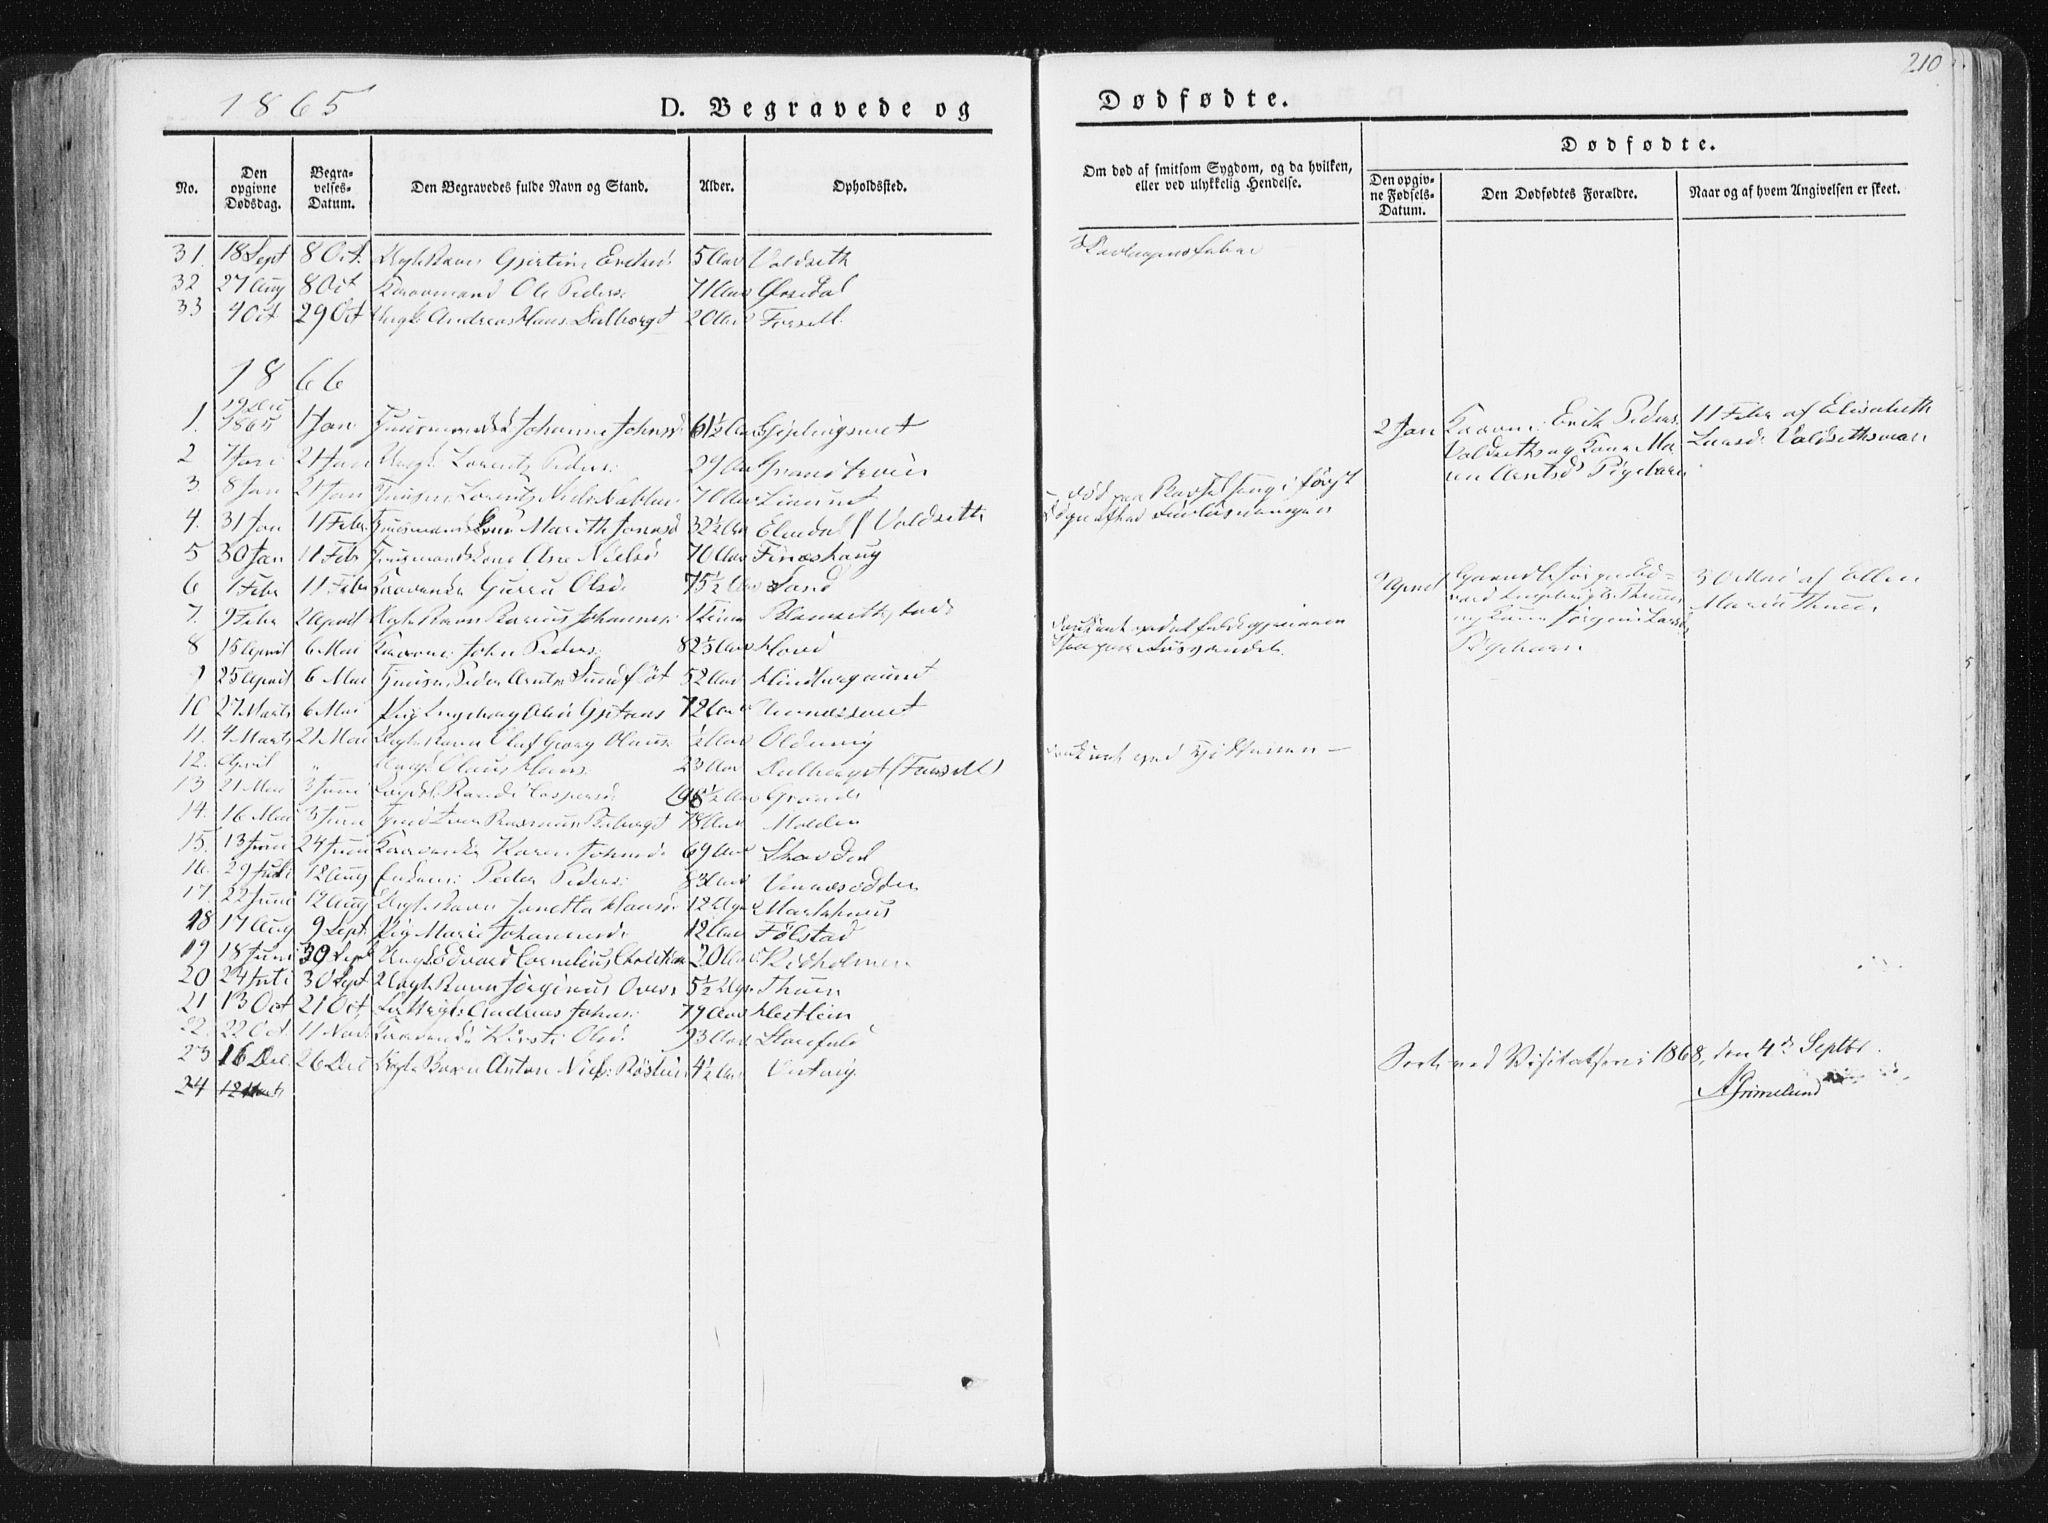 SAT, Ministerialprotokoller, klokkerbøker og fødselsregistre - Nord-Trøndelag, 744/L0418: Ministerialbok nr. 744A02, 1843-1866, s. 210